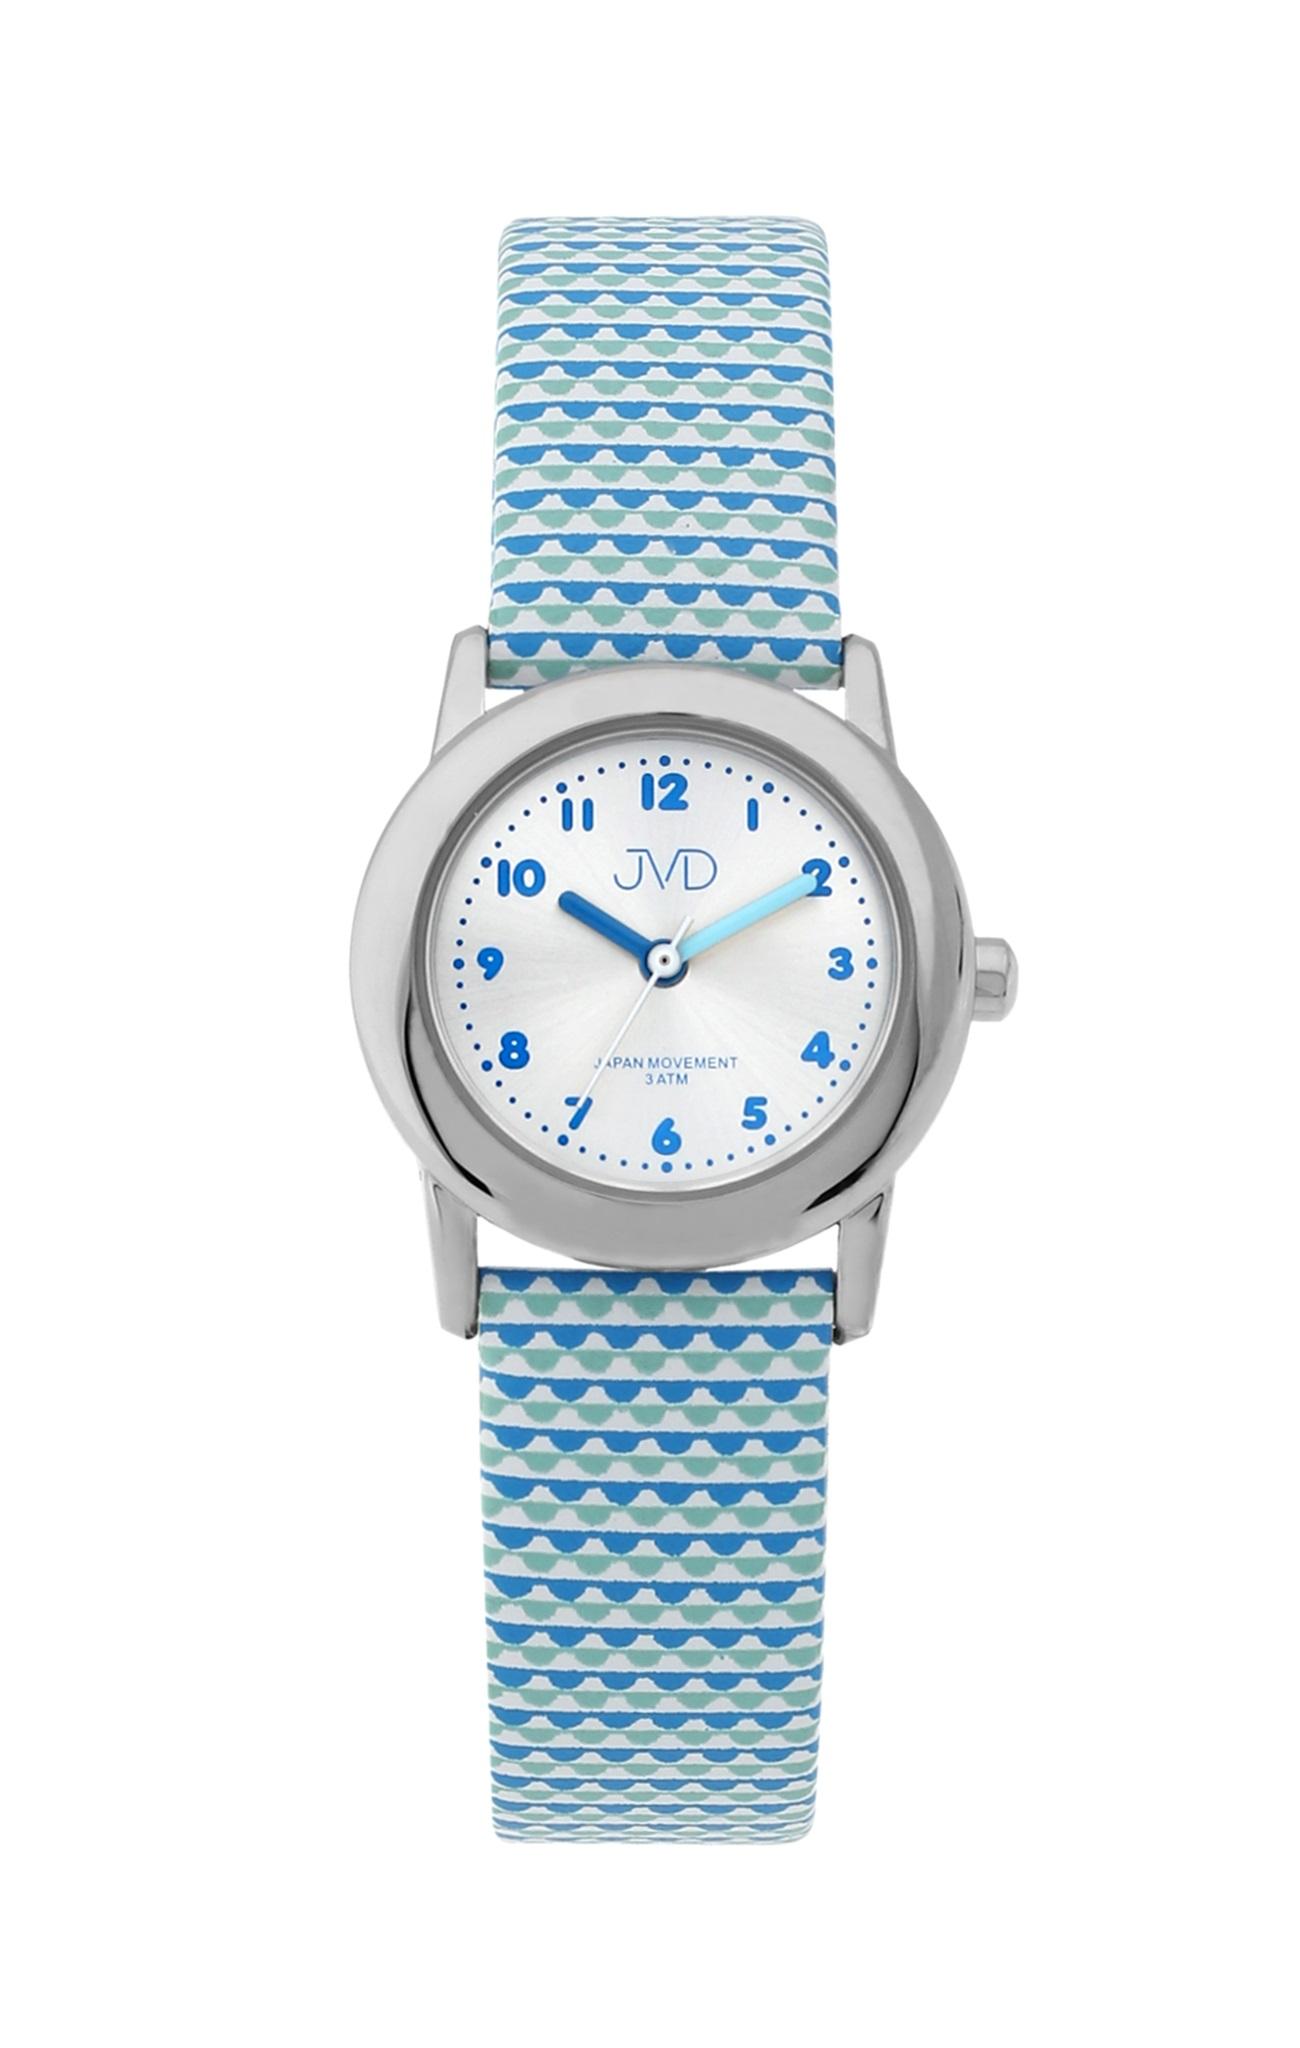 Dětské dívčí náramkové hodinky JVD J7180.2 (dívčí dětské hodinky)